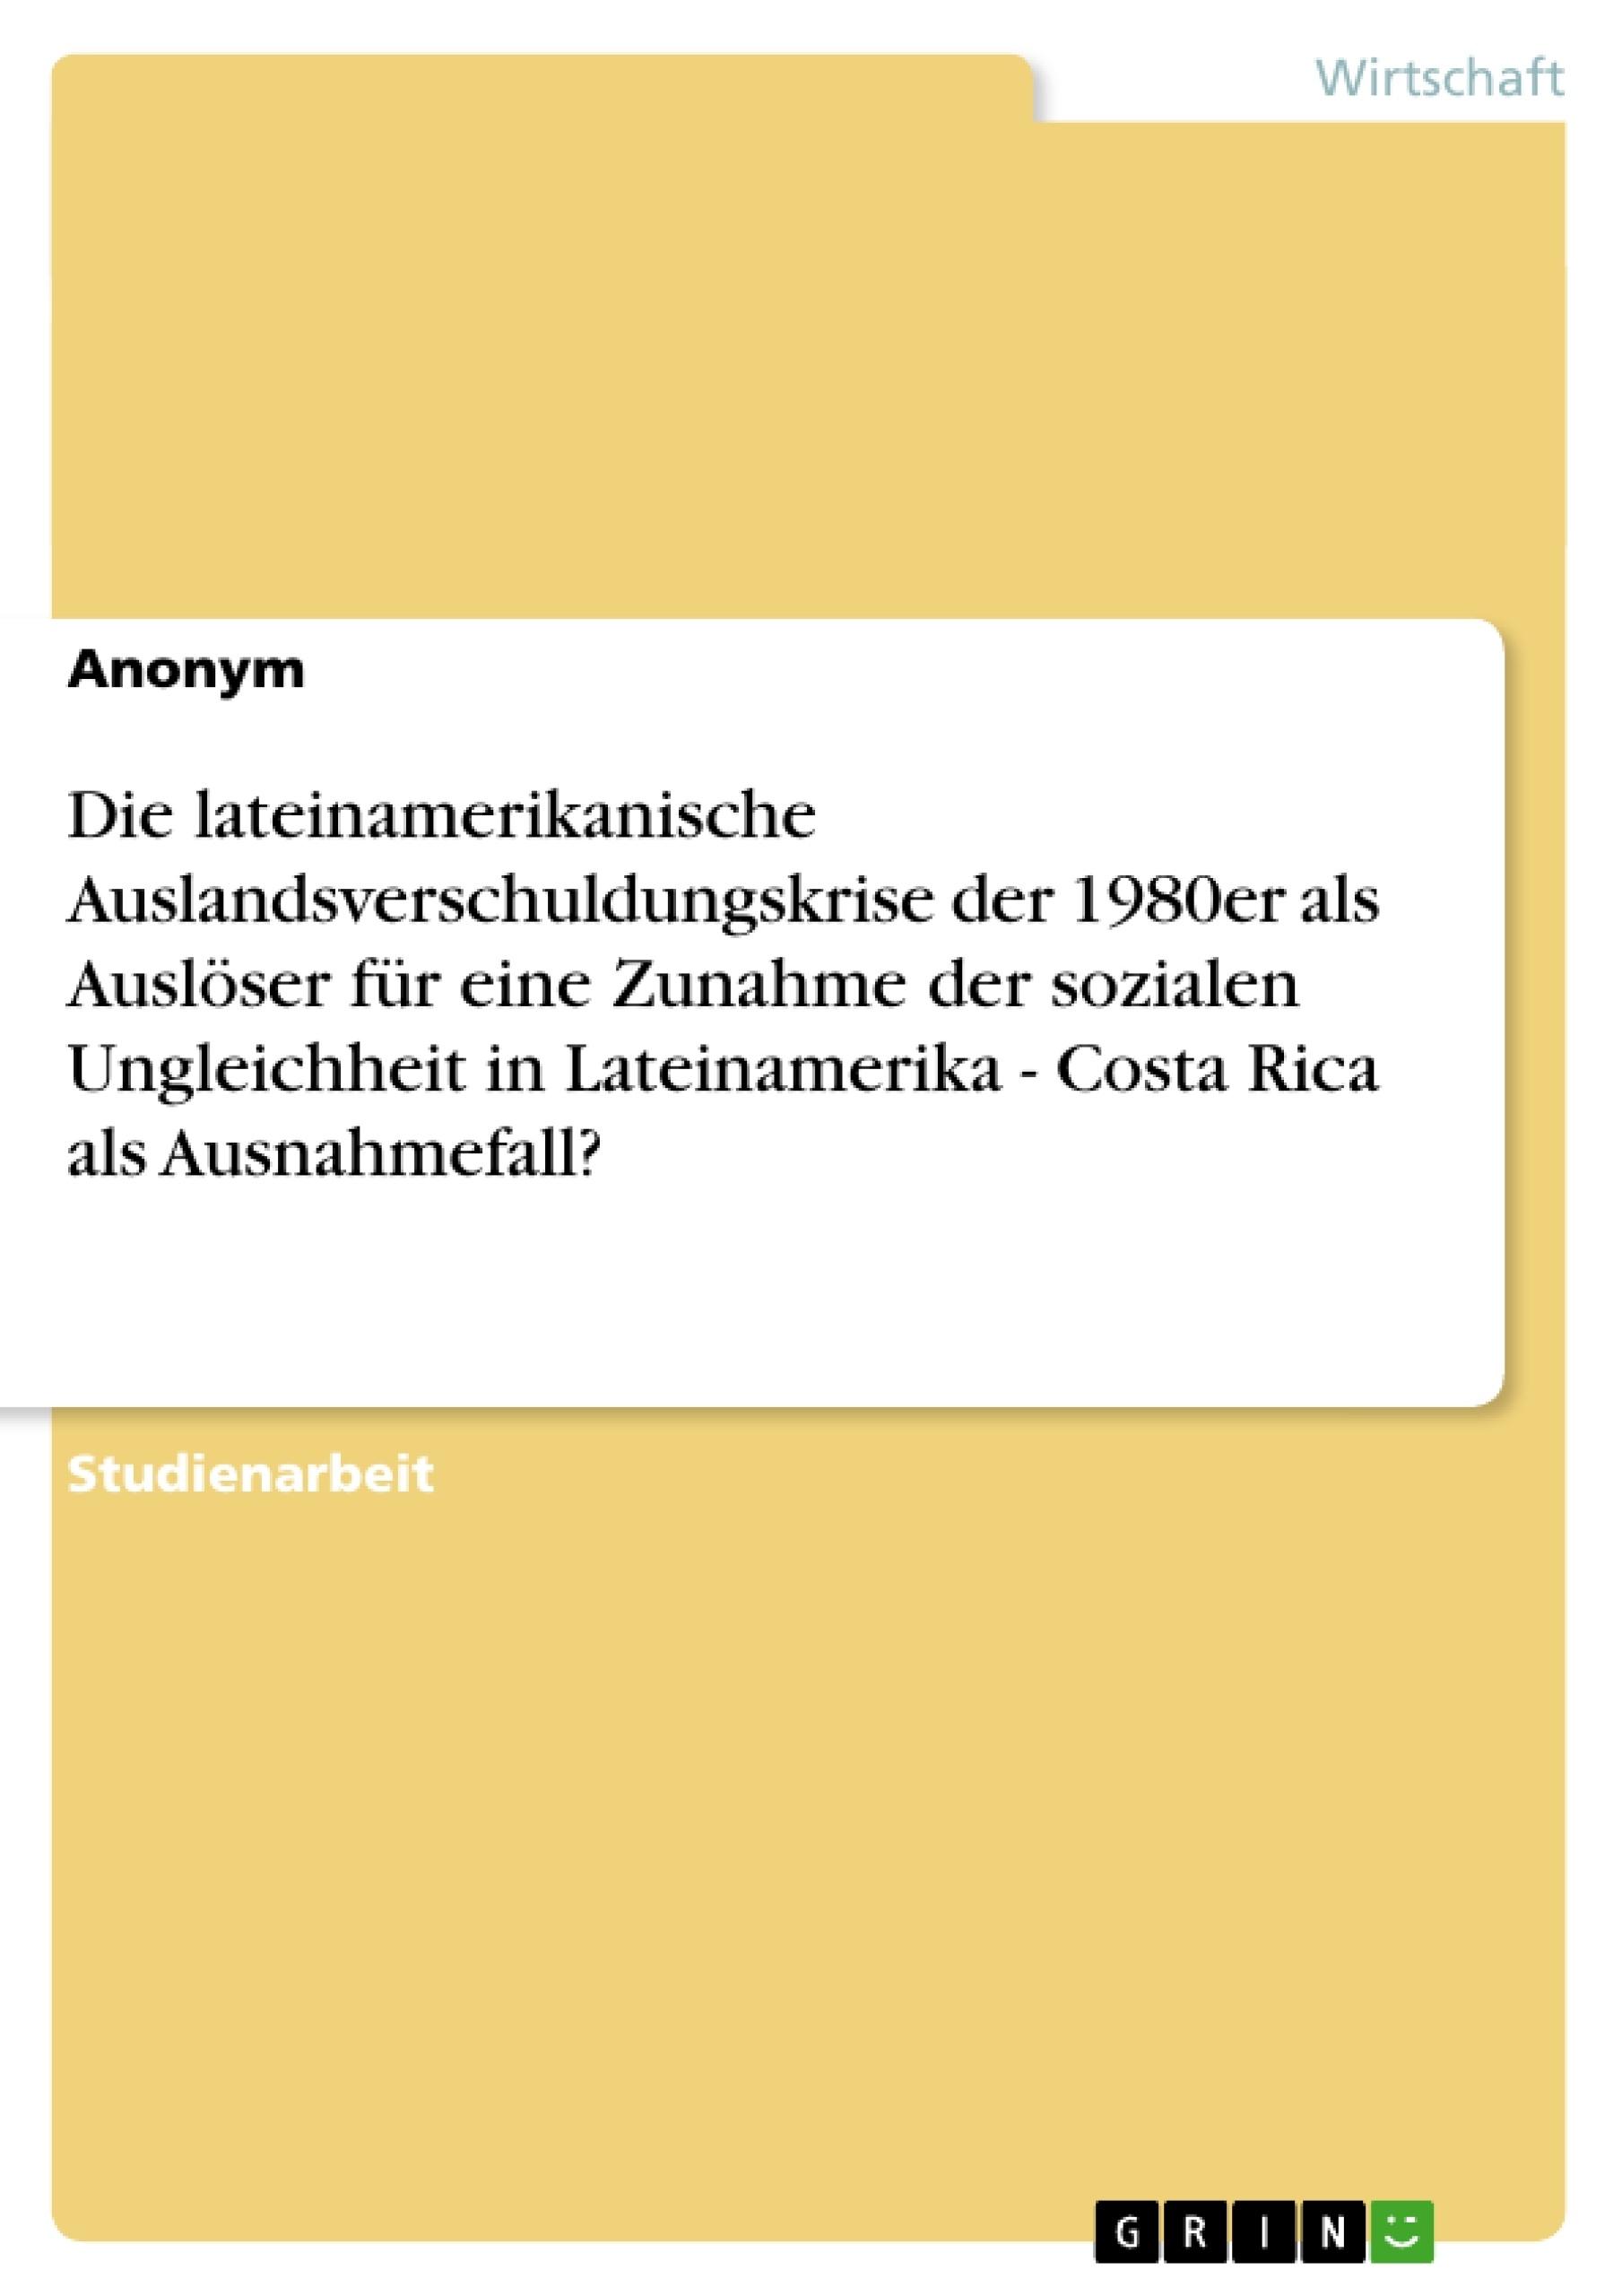 Titel: Die lateinamerikanische Auslandsverschuldungskrise der 1980er als Auslöser für eine Zunahme der sozialen Ungleichheit in Lateinamerika - Costa Rica als Ausnahmefall?